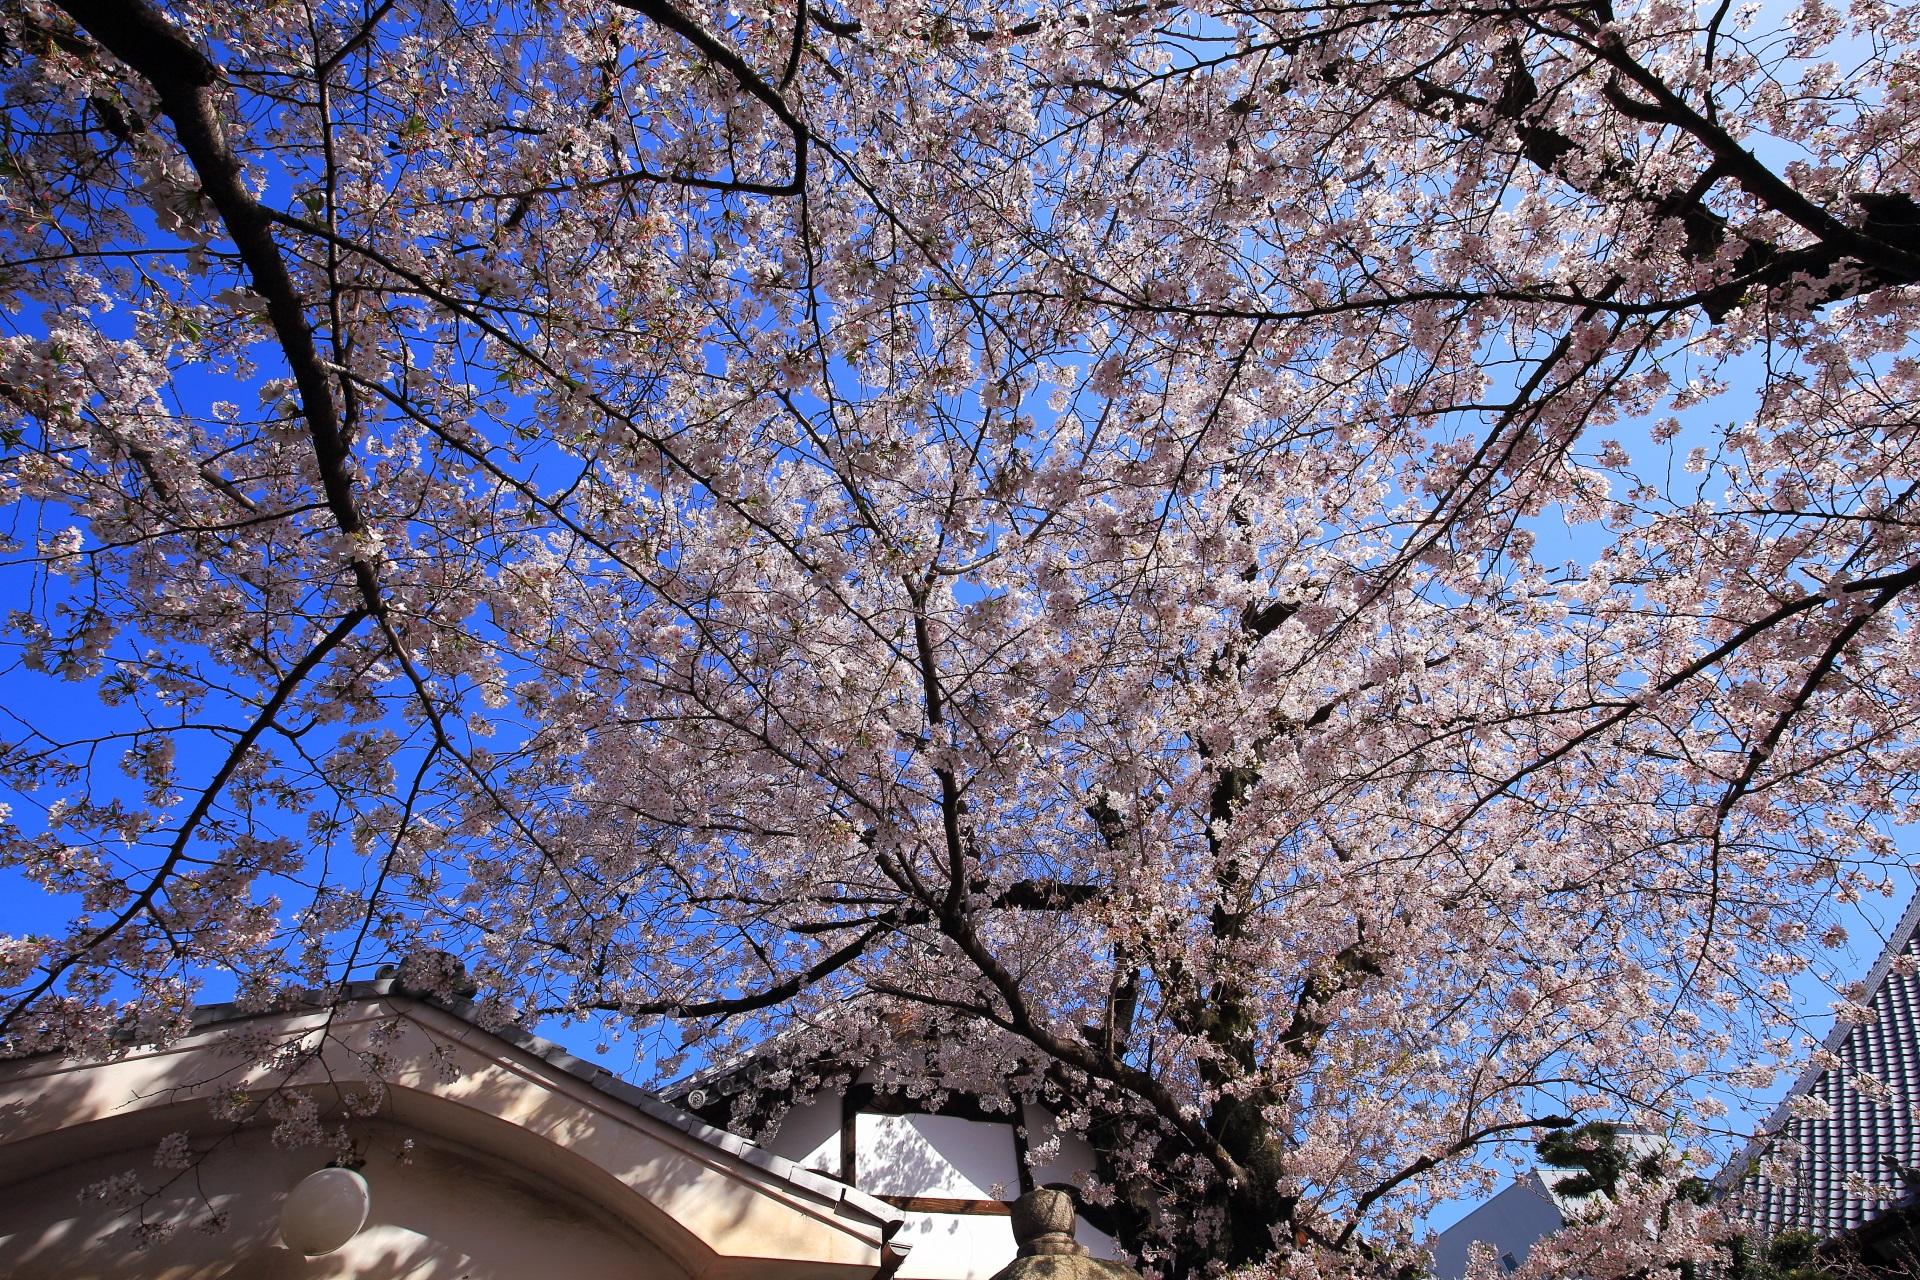 墨染寺の桜の天井